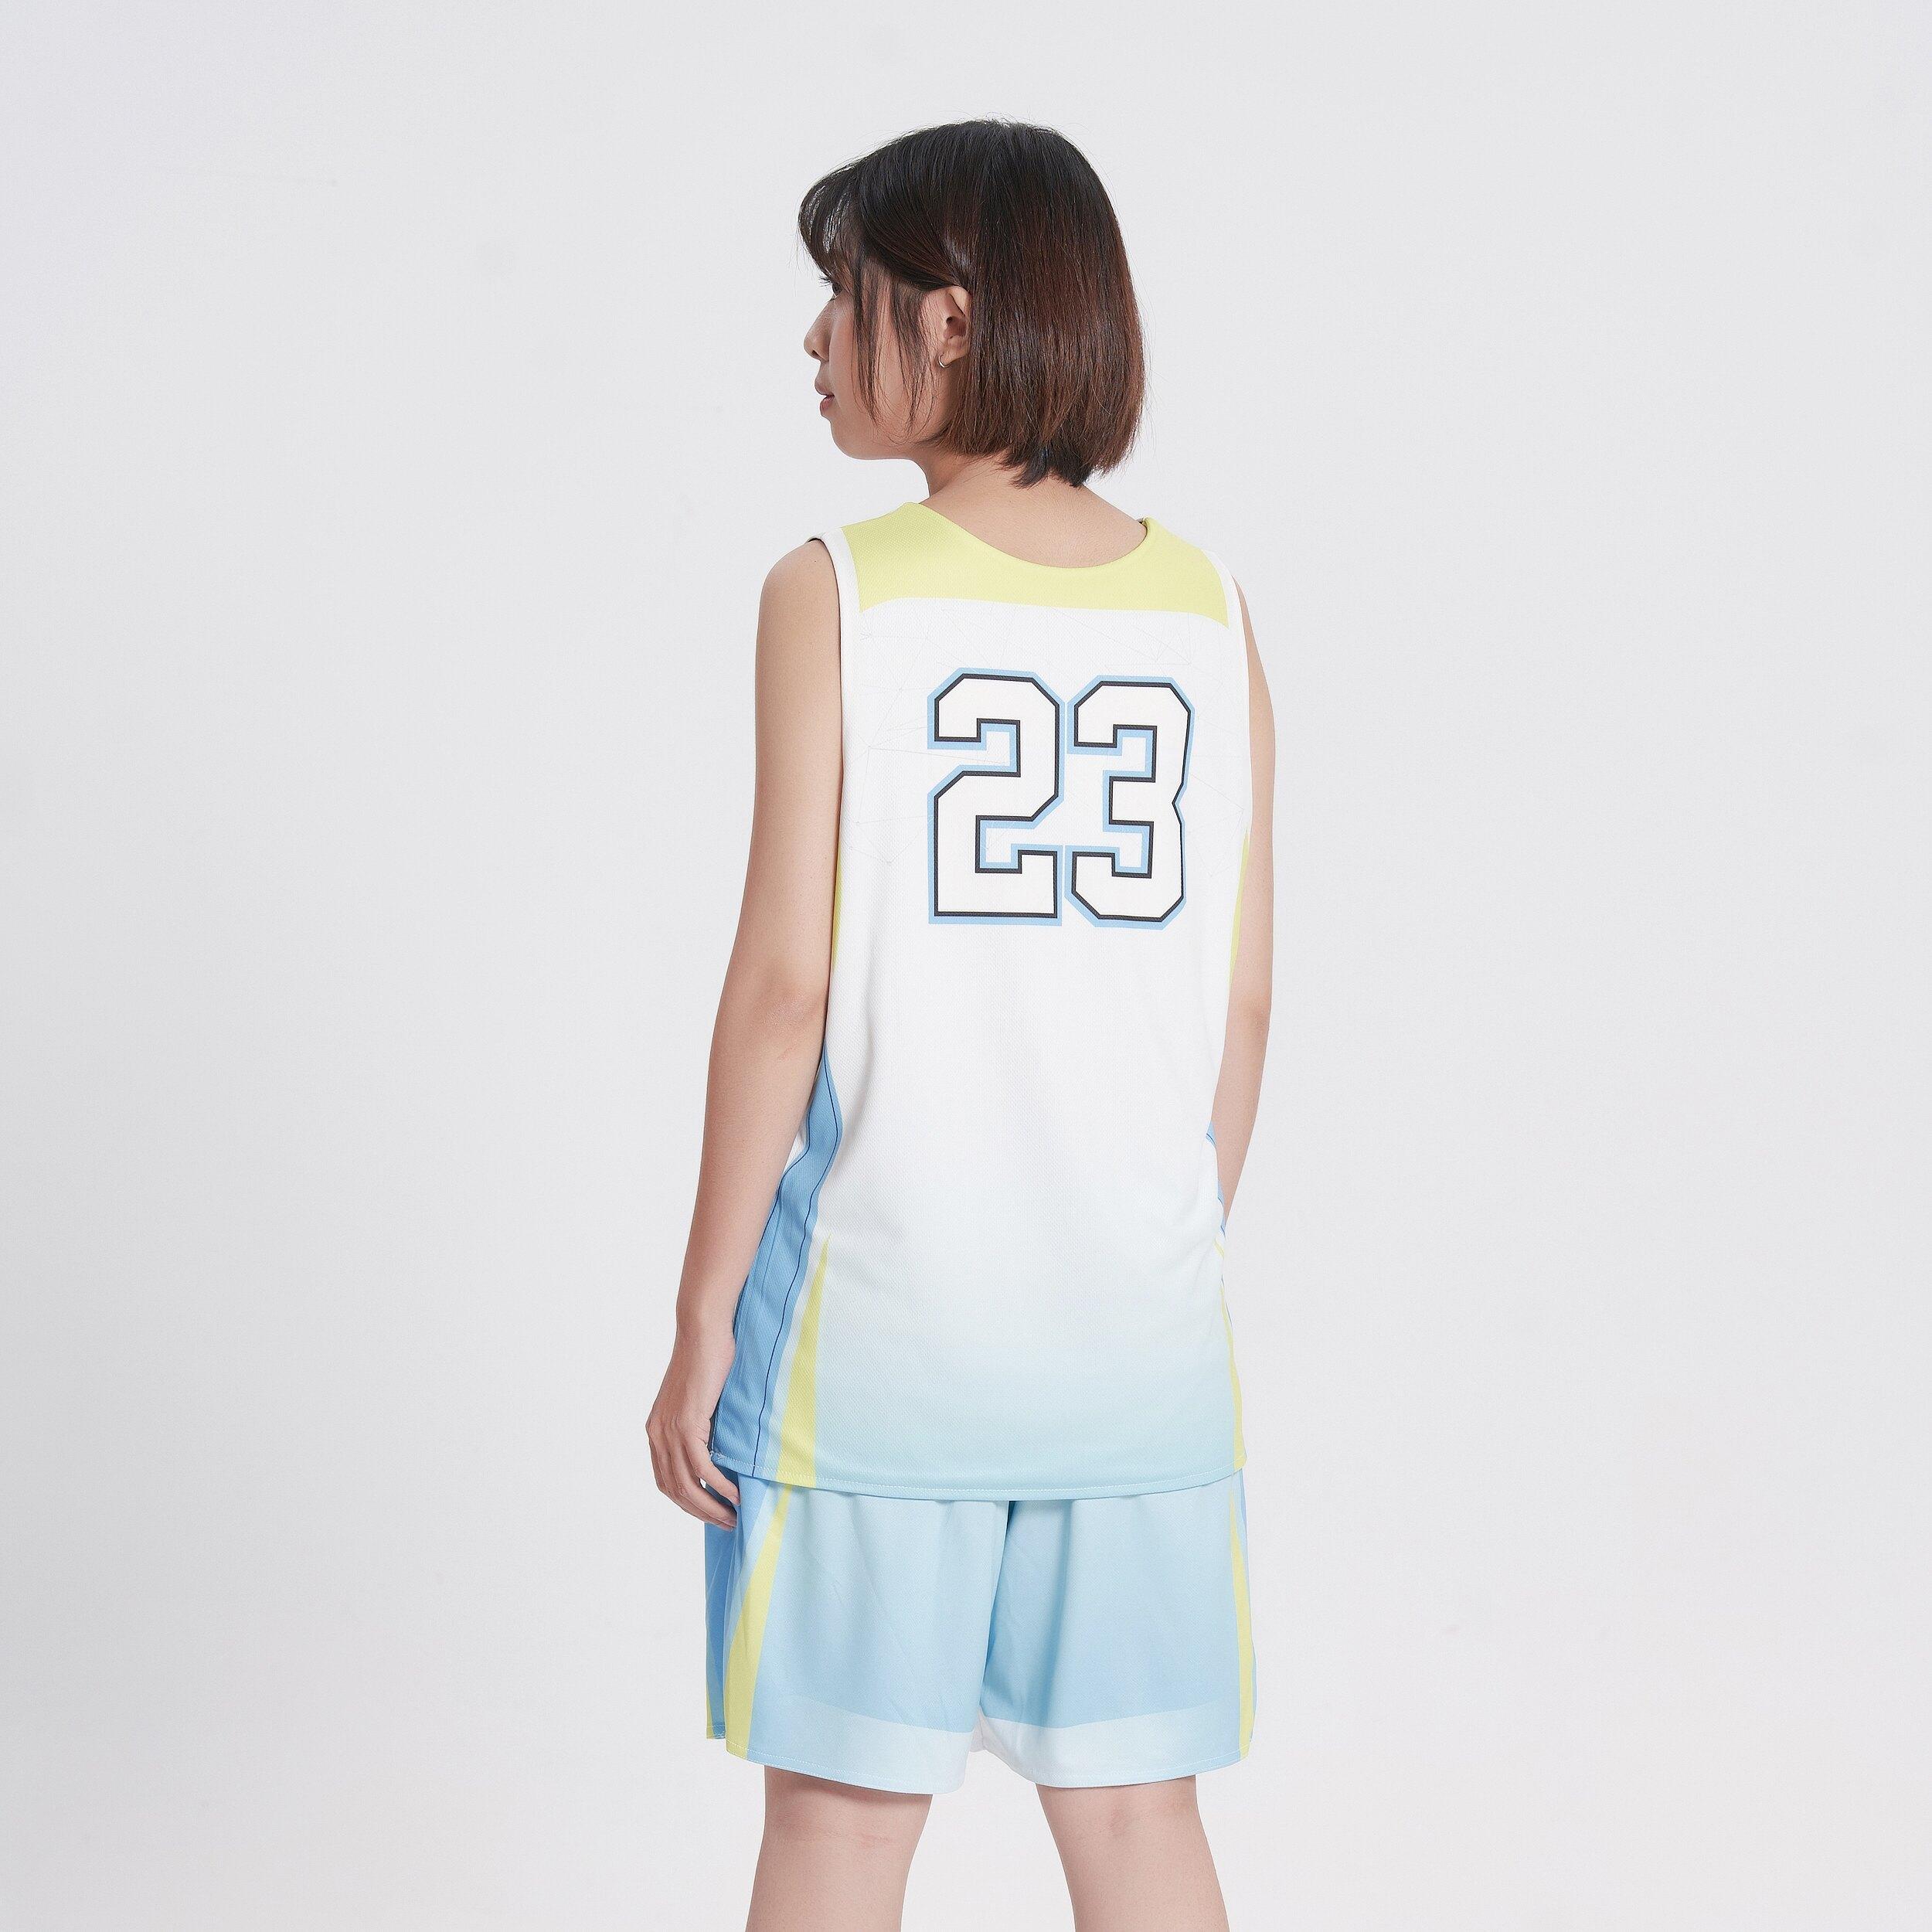 ZELUZ 雙面球衣(舞動藍綠)